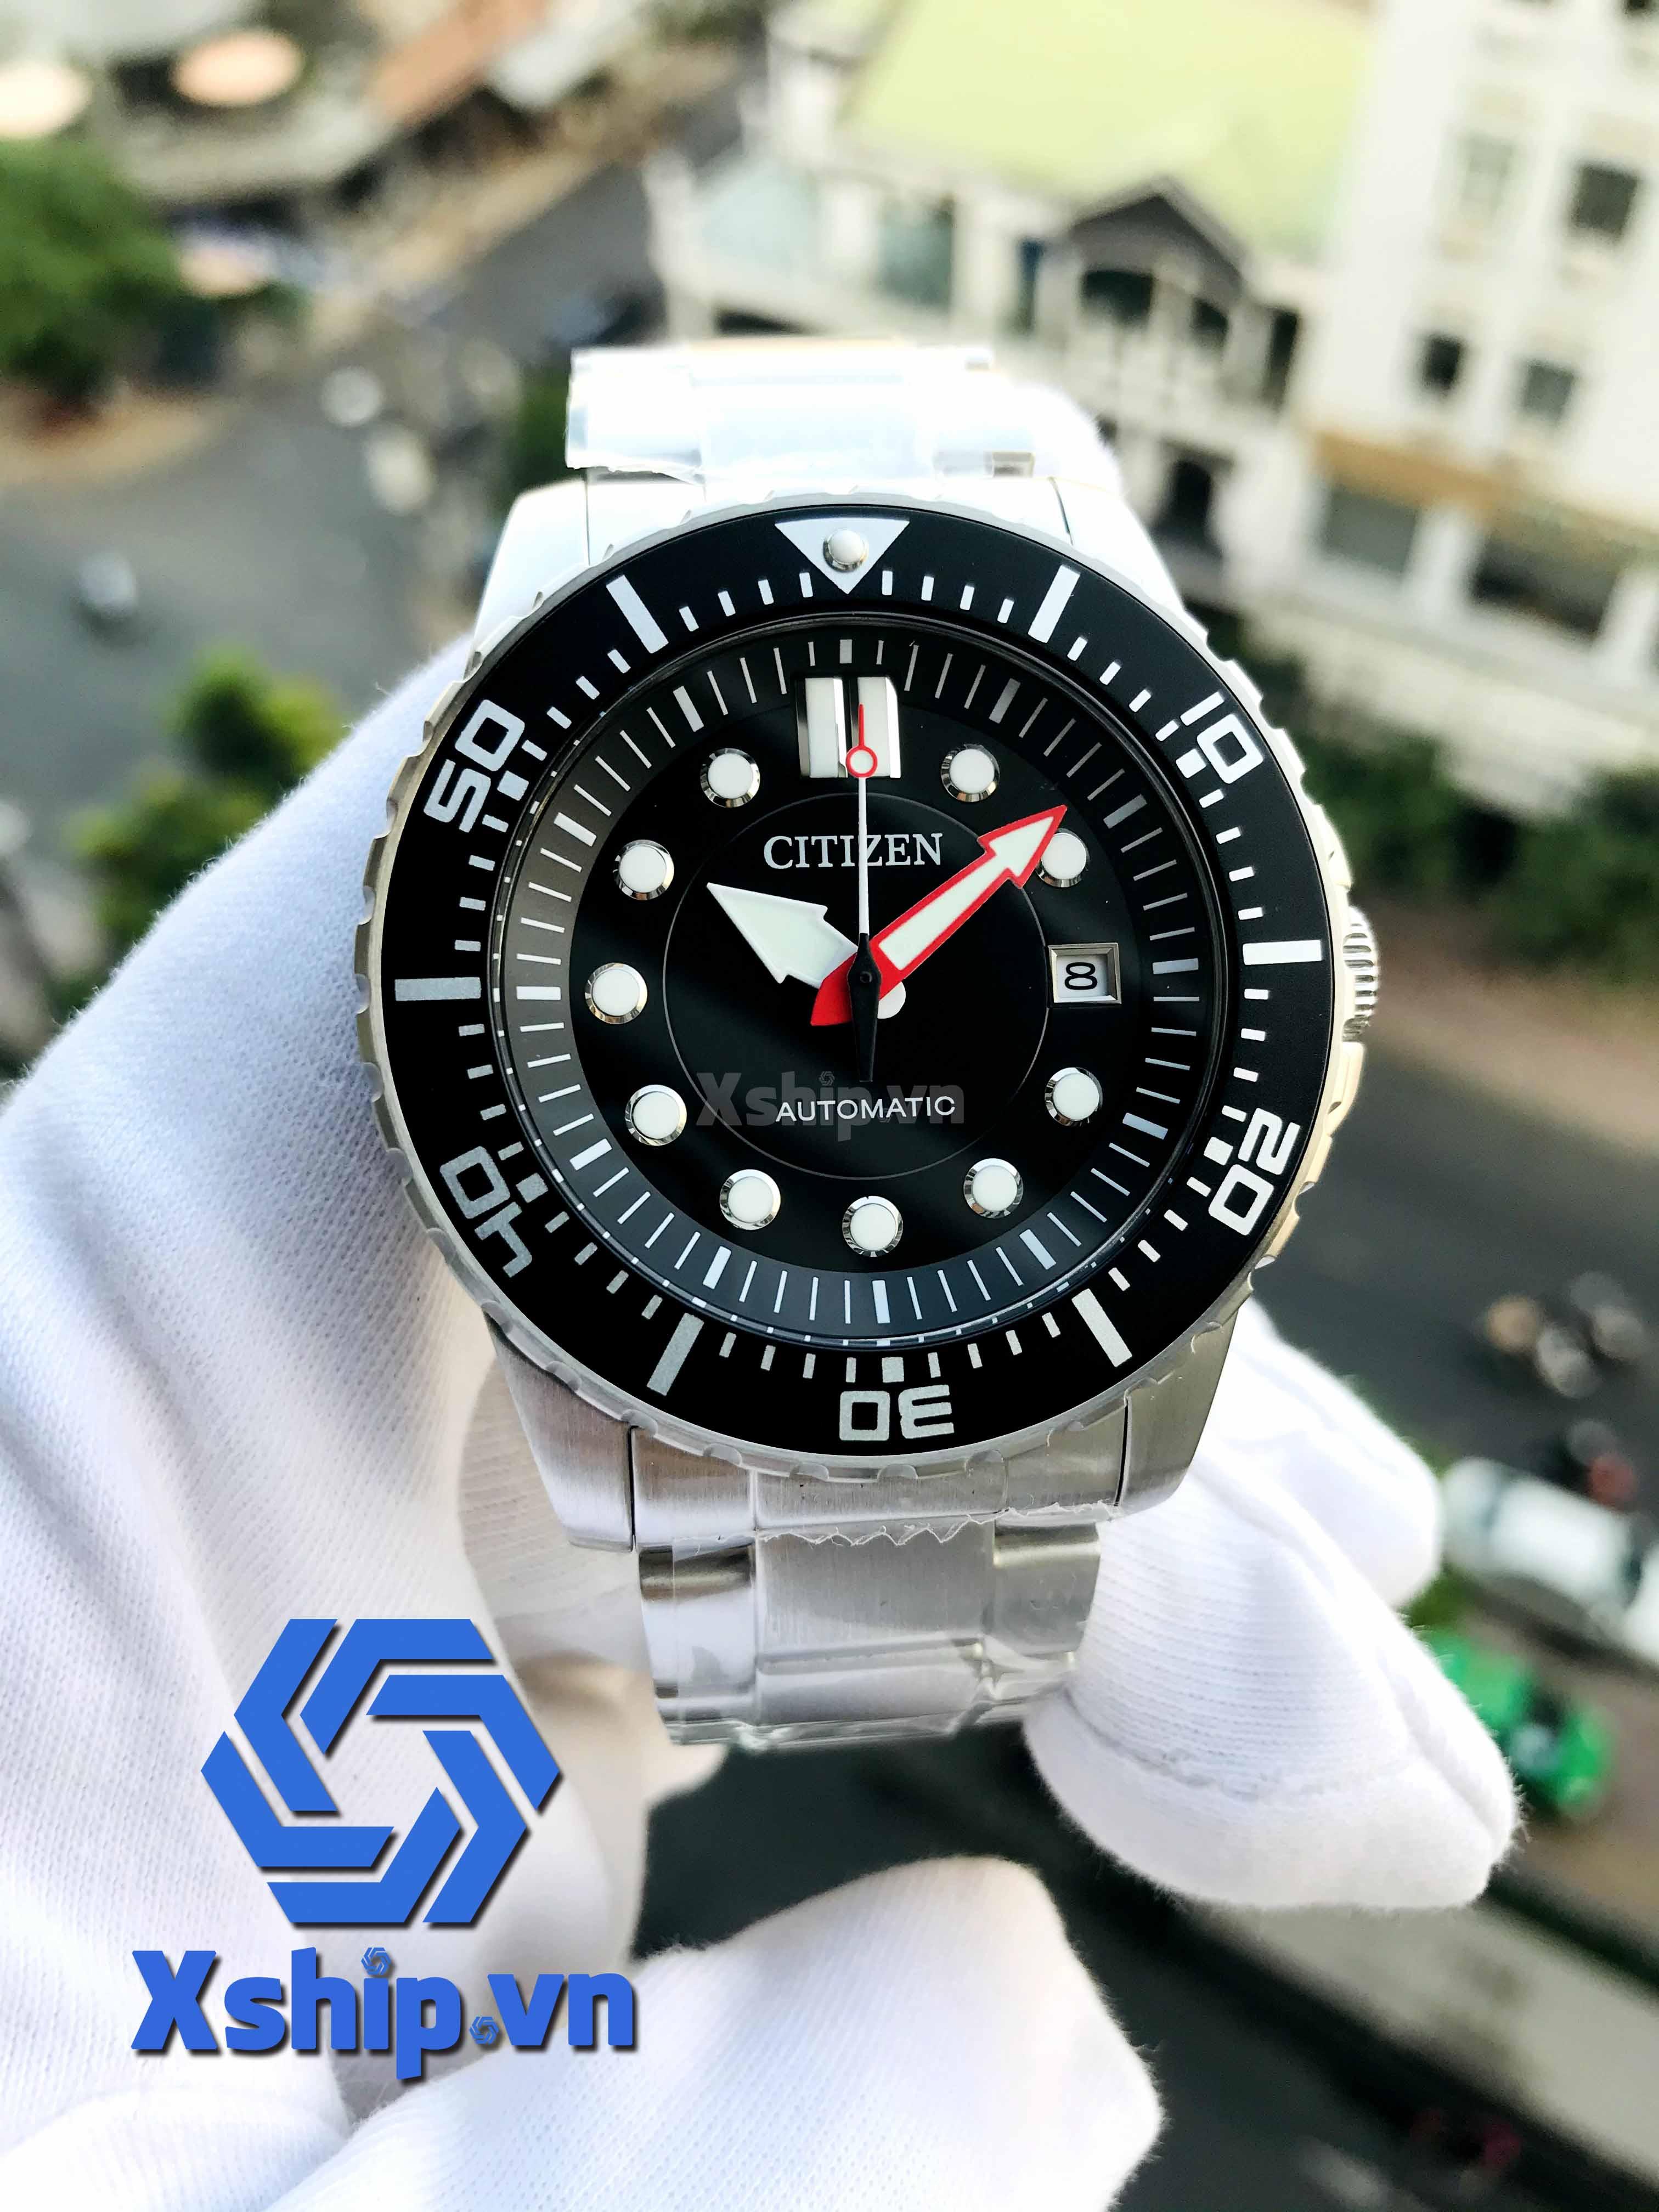 Citizen Promaster Automatic NJ0120-81E